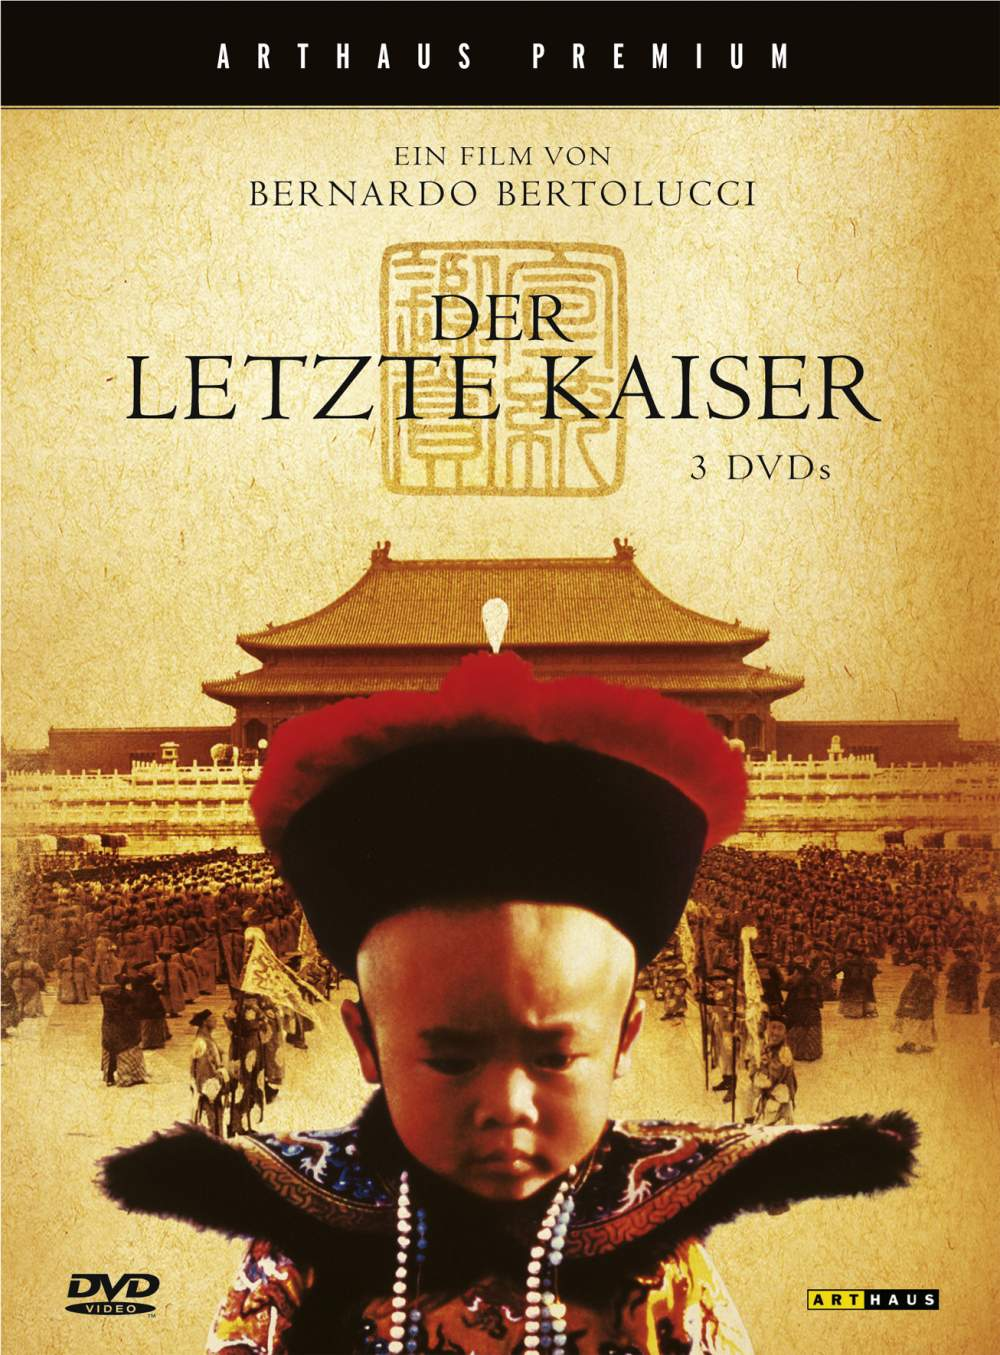 Der letzte Kaiser - Film